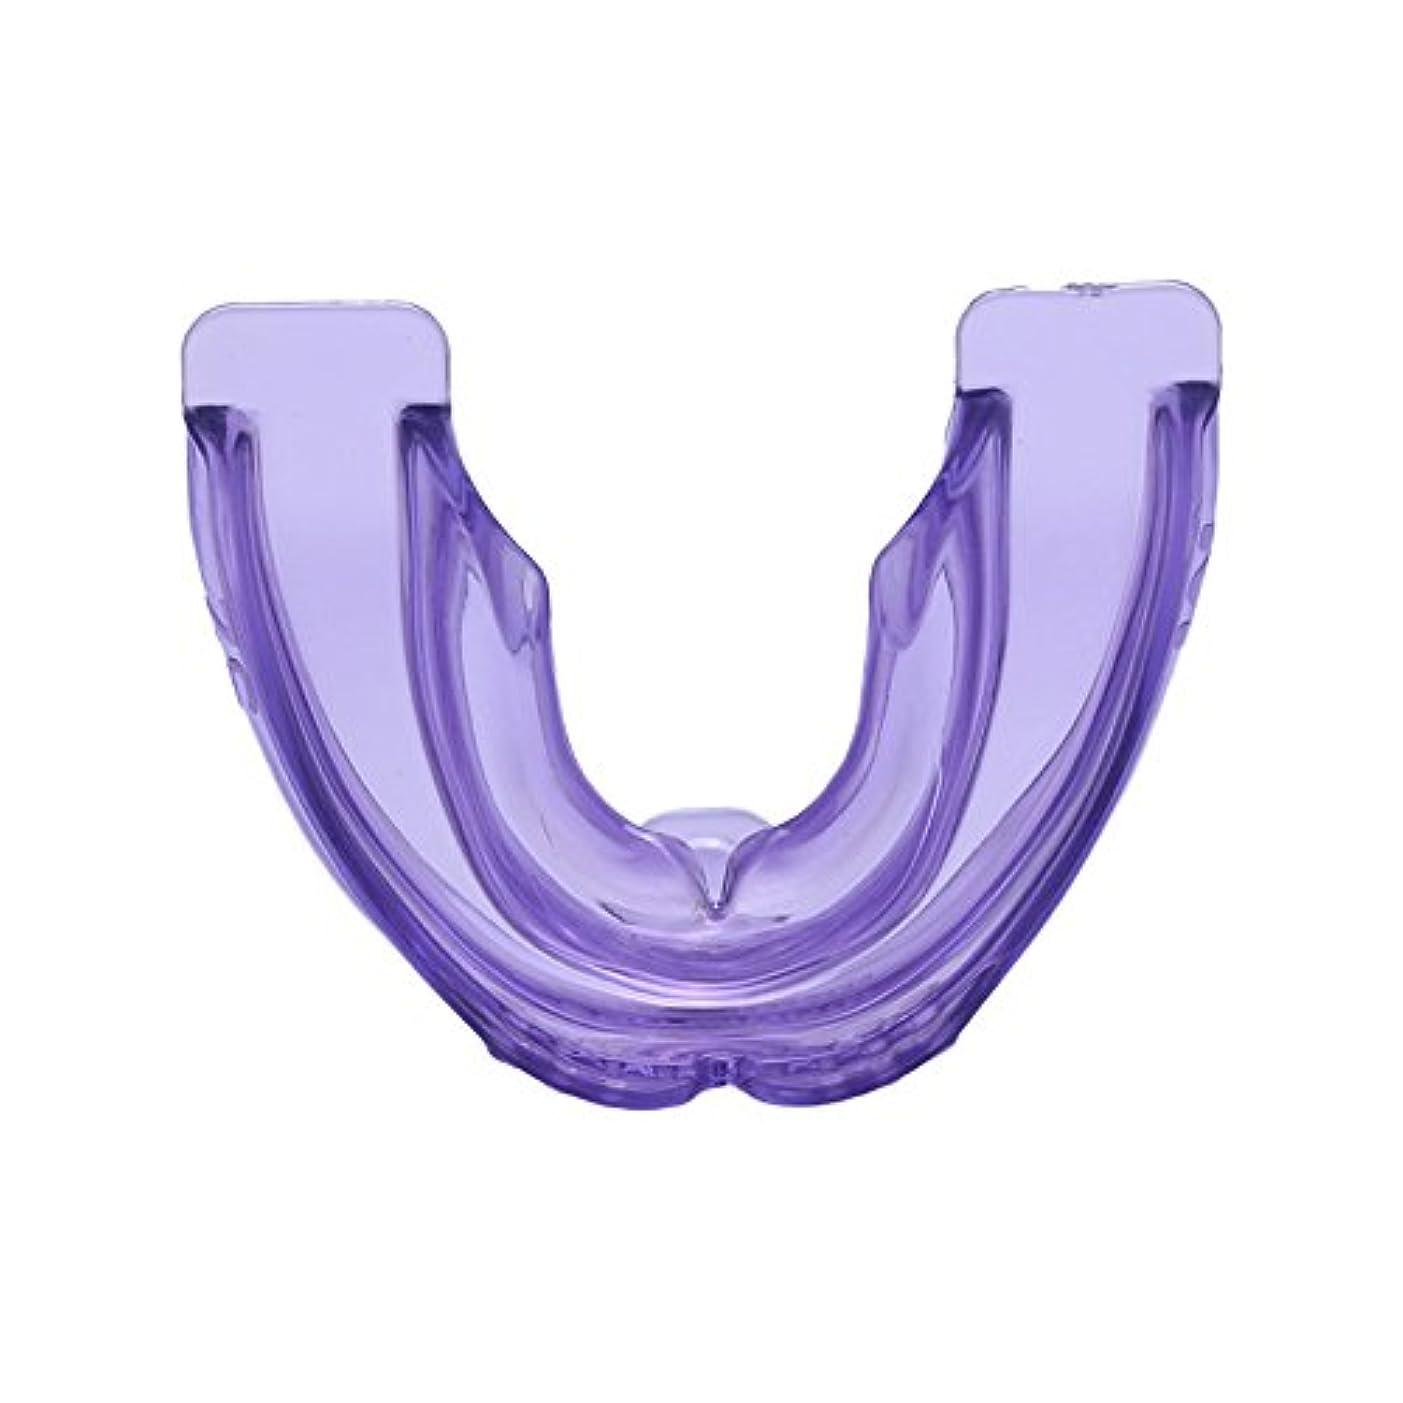 調停するエラースカルク歯科矯正 歯科 矯正用固位器 直歯システム 使いやすい パープル